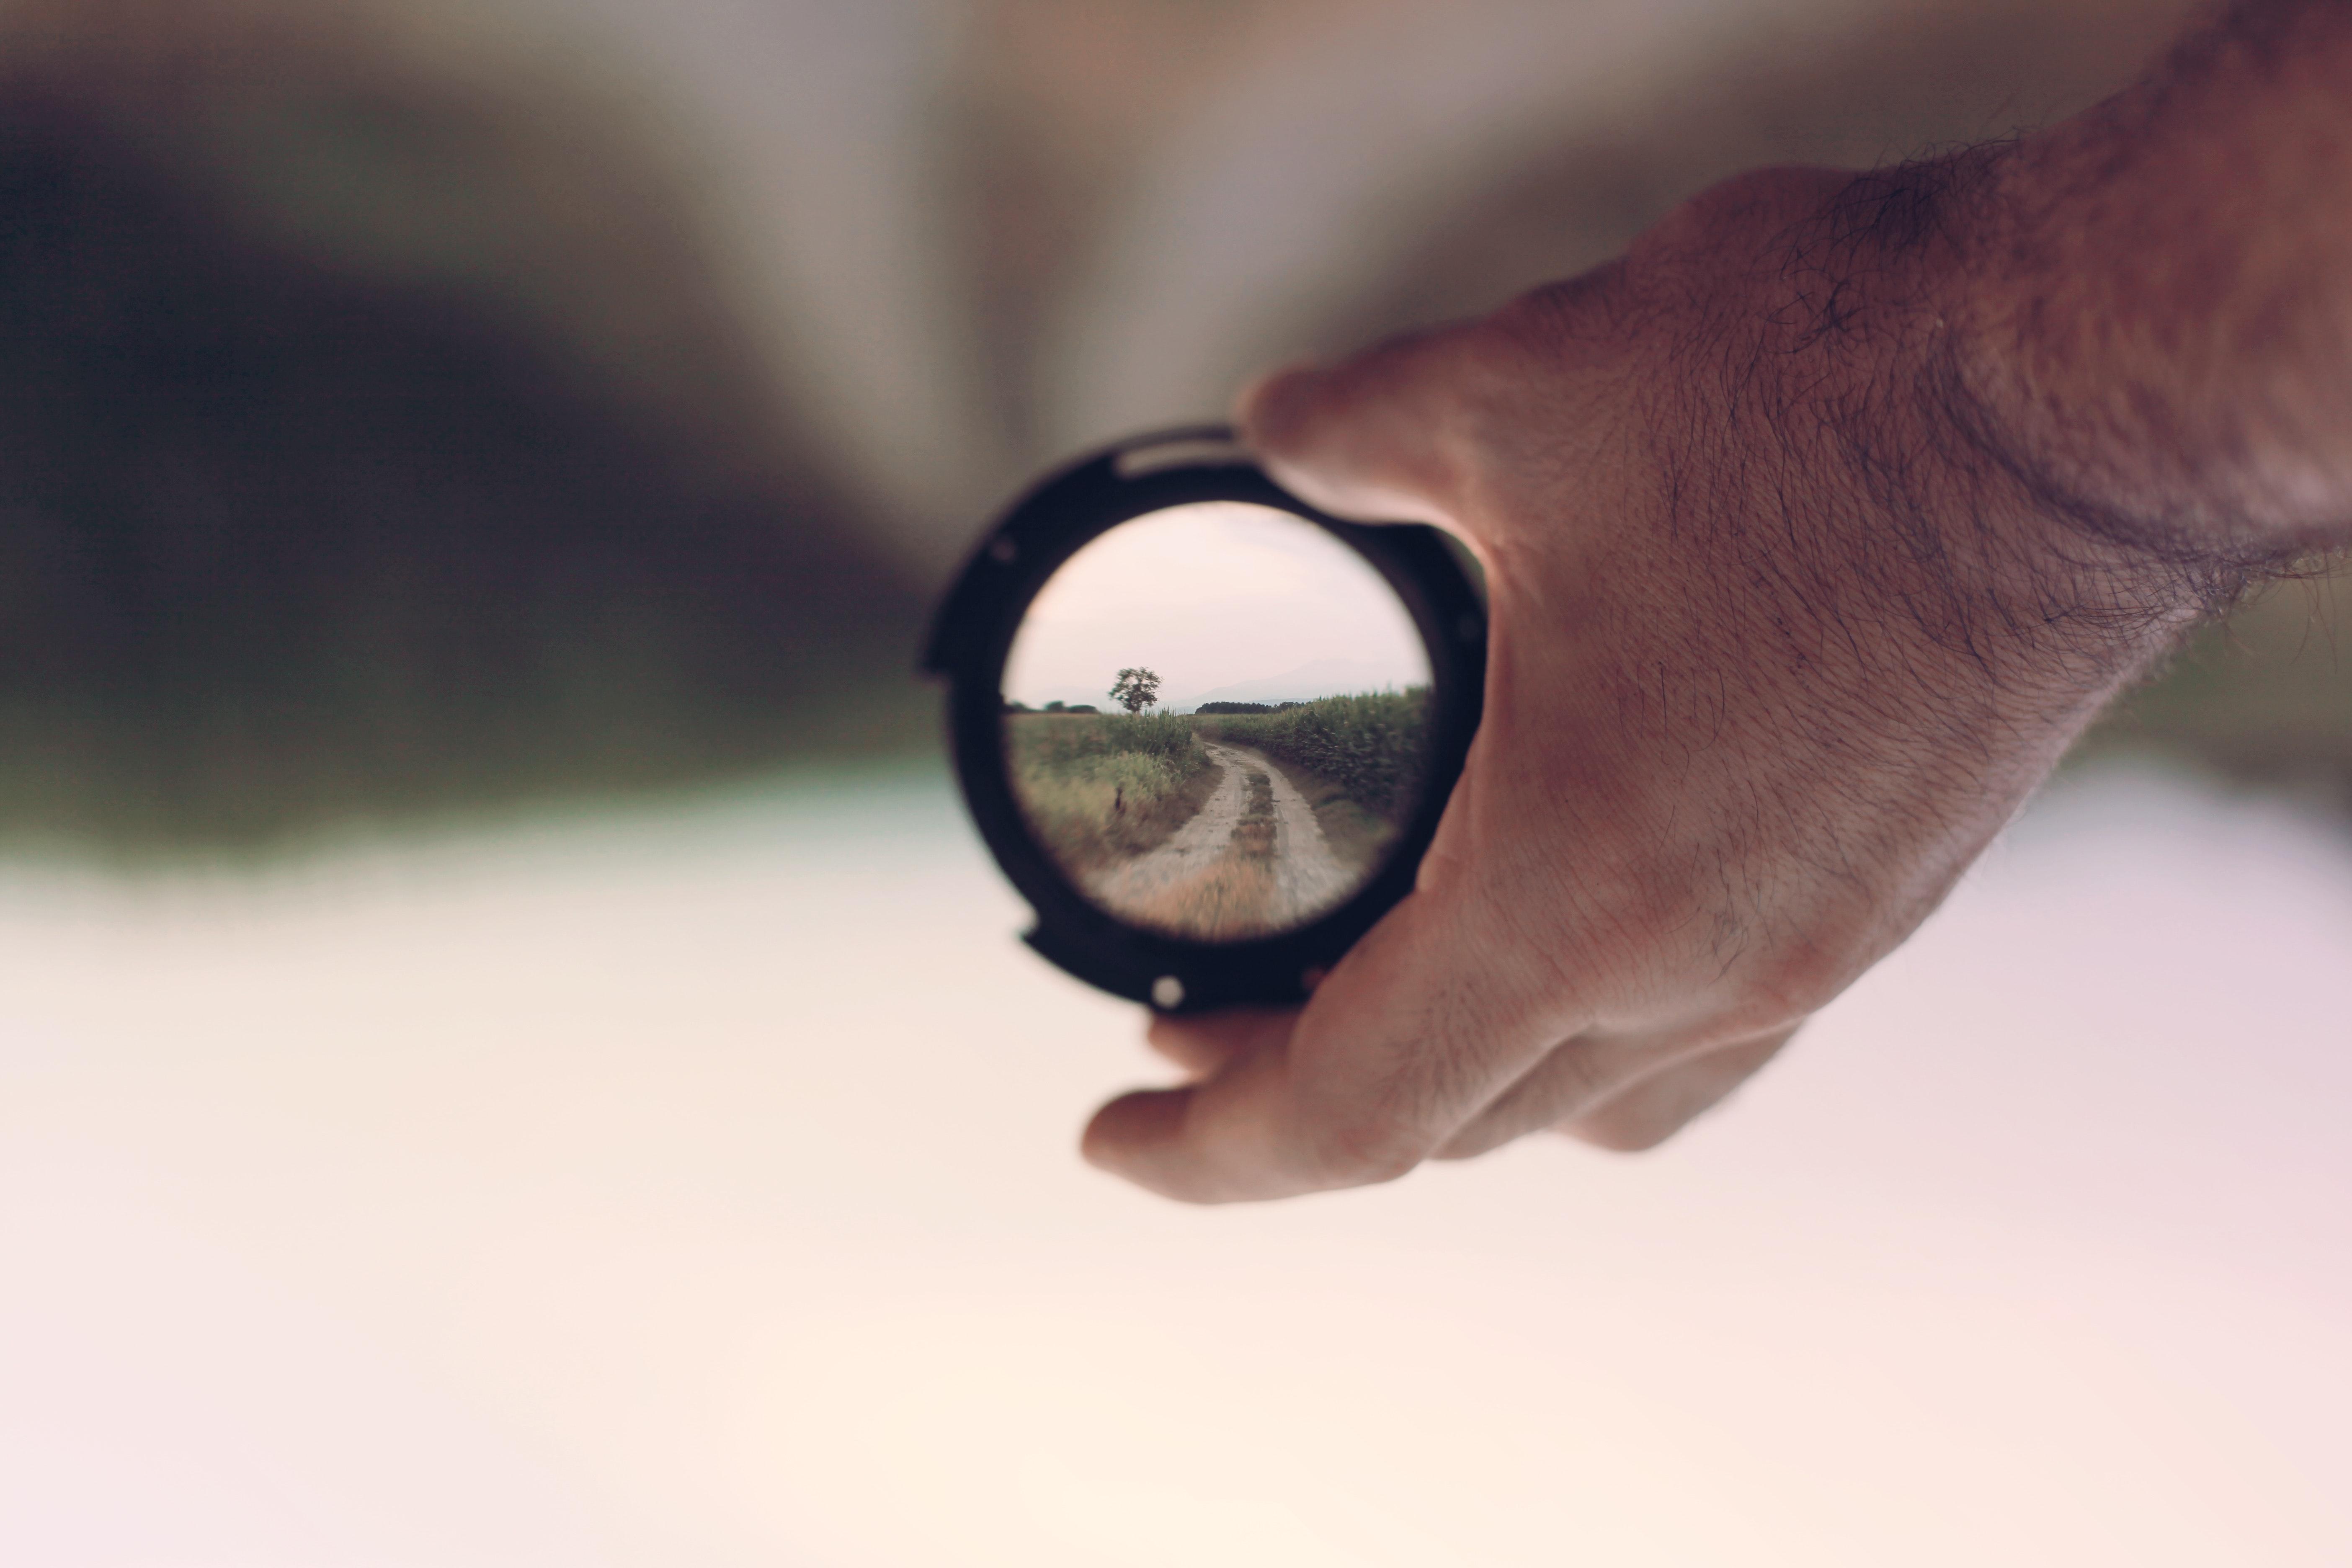 binocular-country-lane-filter-1421